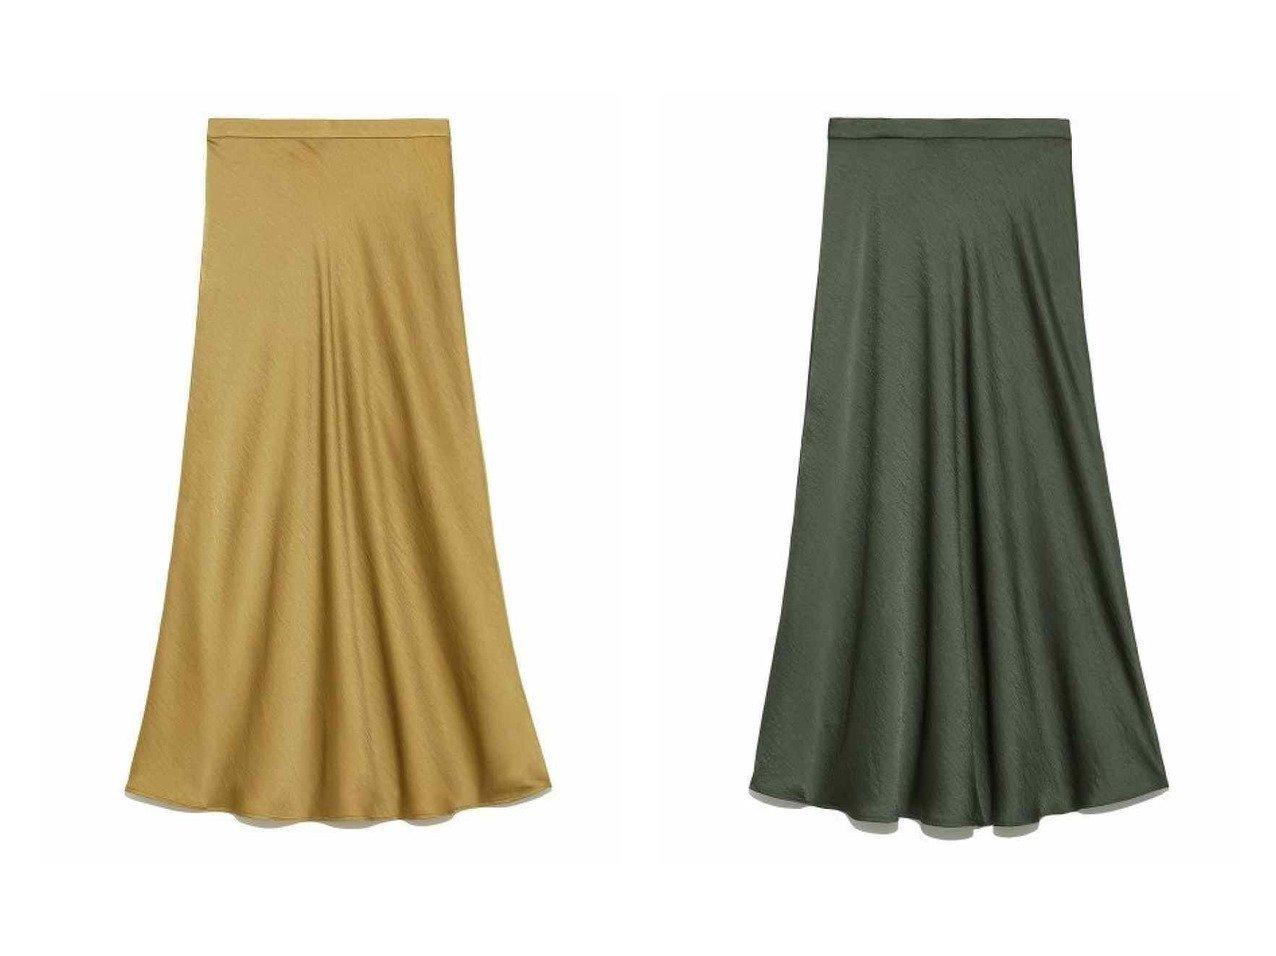 【Mila Owen/ミラオーウェン】のサテンバイアスロングスカート スカートのおすすめ!人気、トレンド・レディースファッションの通販 おすすめで人気の流行・トレンド、ファッションの通販商品 メンズファッション・キッズファッション・インテリア・家具・レディースファッション・服の通販 founy(ファニー) https://founy.com/ ファッション Fashion レディースファッション WOMEN スカート Skirt ロングスカート Long Skirt NEW・新作・新着・新入荷 New Arrivals インナー ウォッシャブル バイアス フレア ベーシック リラックス ロング 再入荷 Restock/Back in Stock/Re Arrival |ID:crp329100000012904